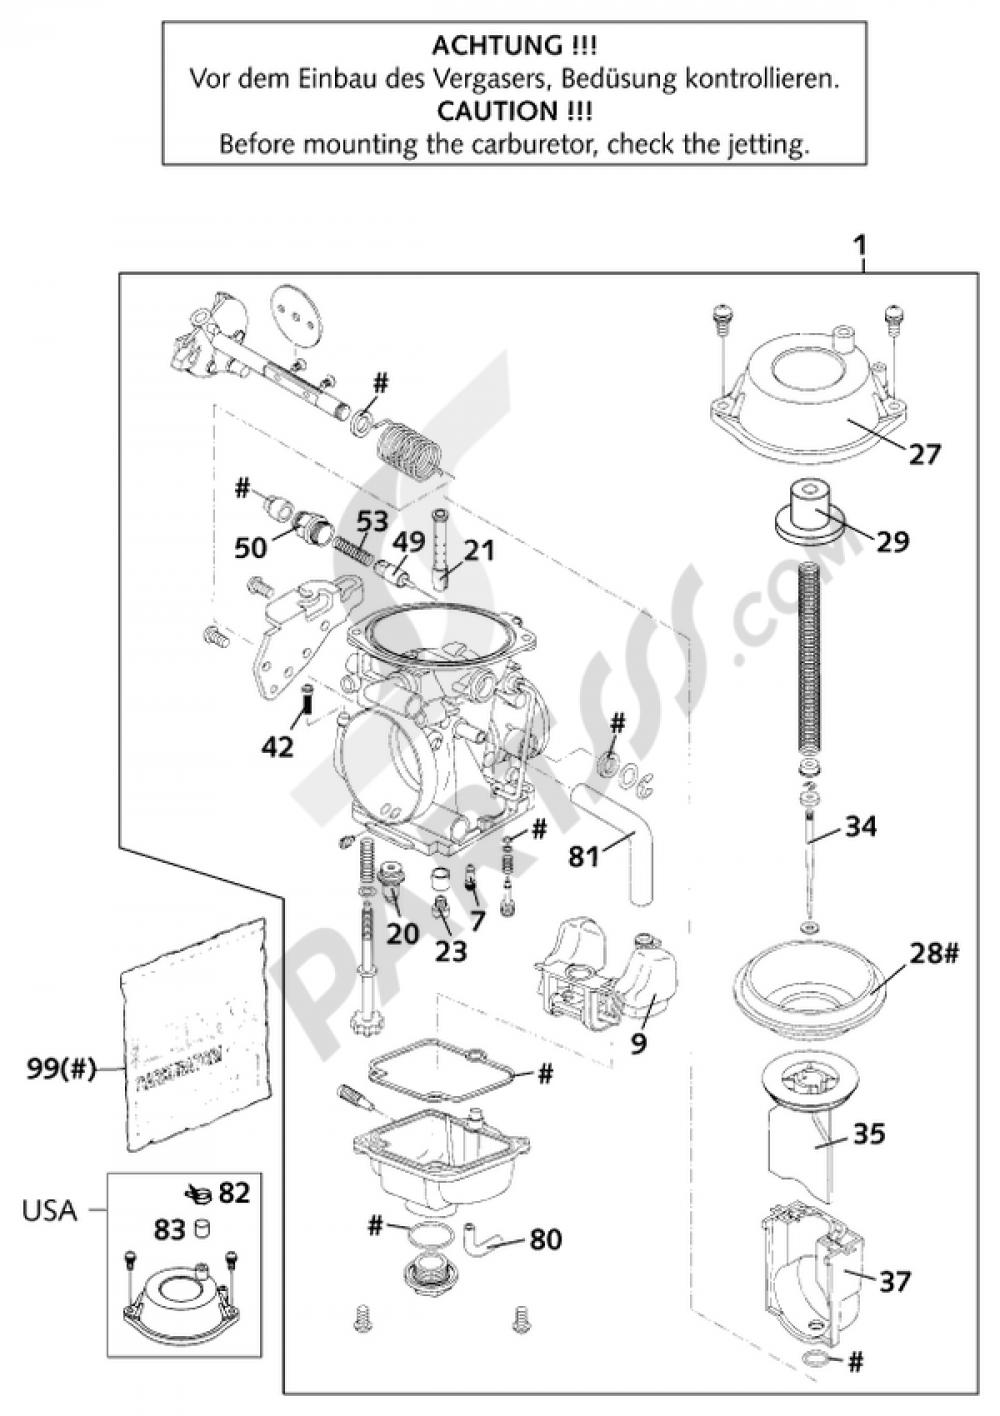 Carburetor Ktm 640 Lc4 E Smoto Prestige 2001 Eu Wiring Diagram